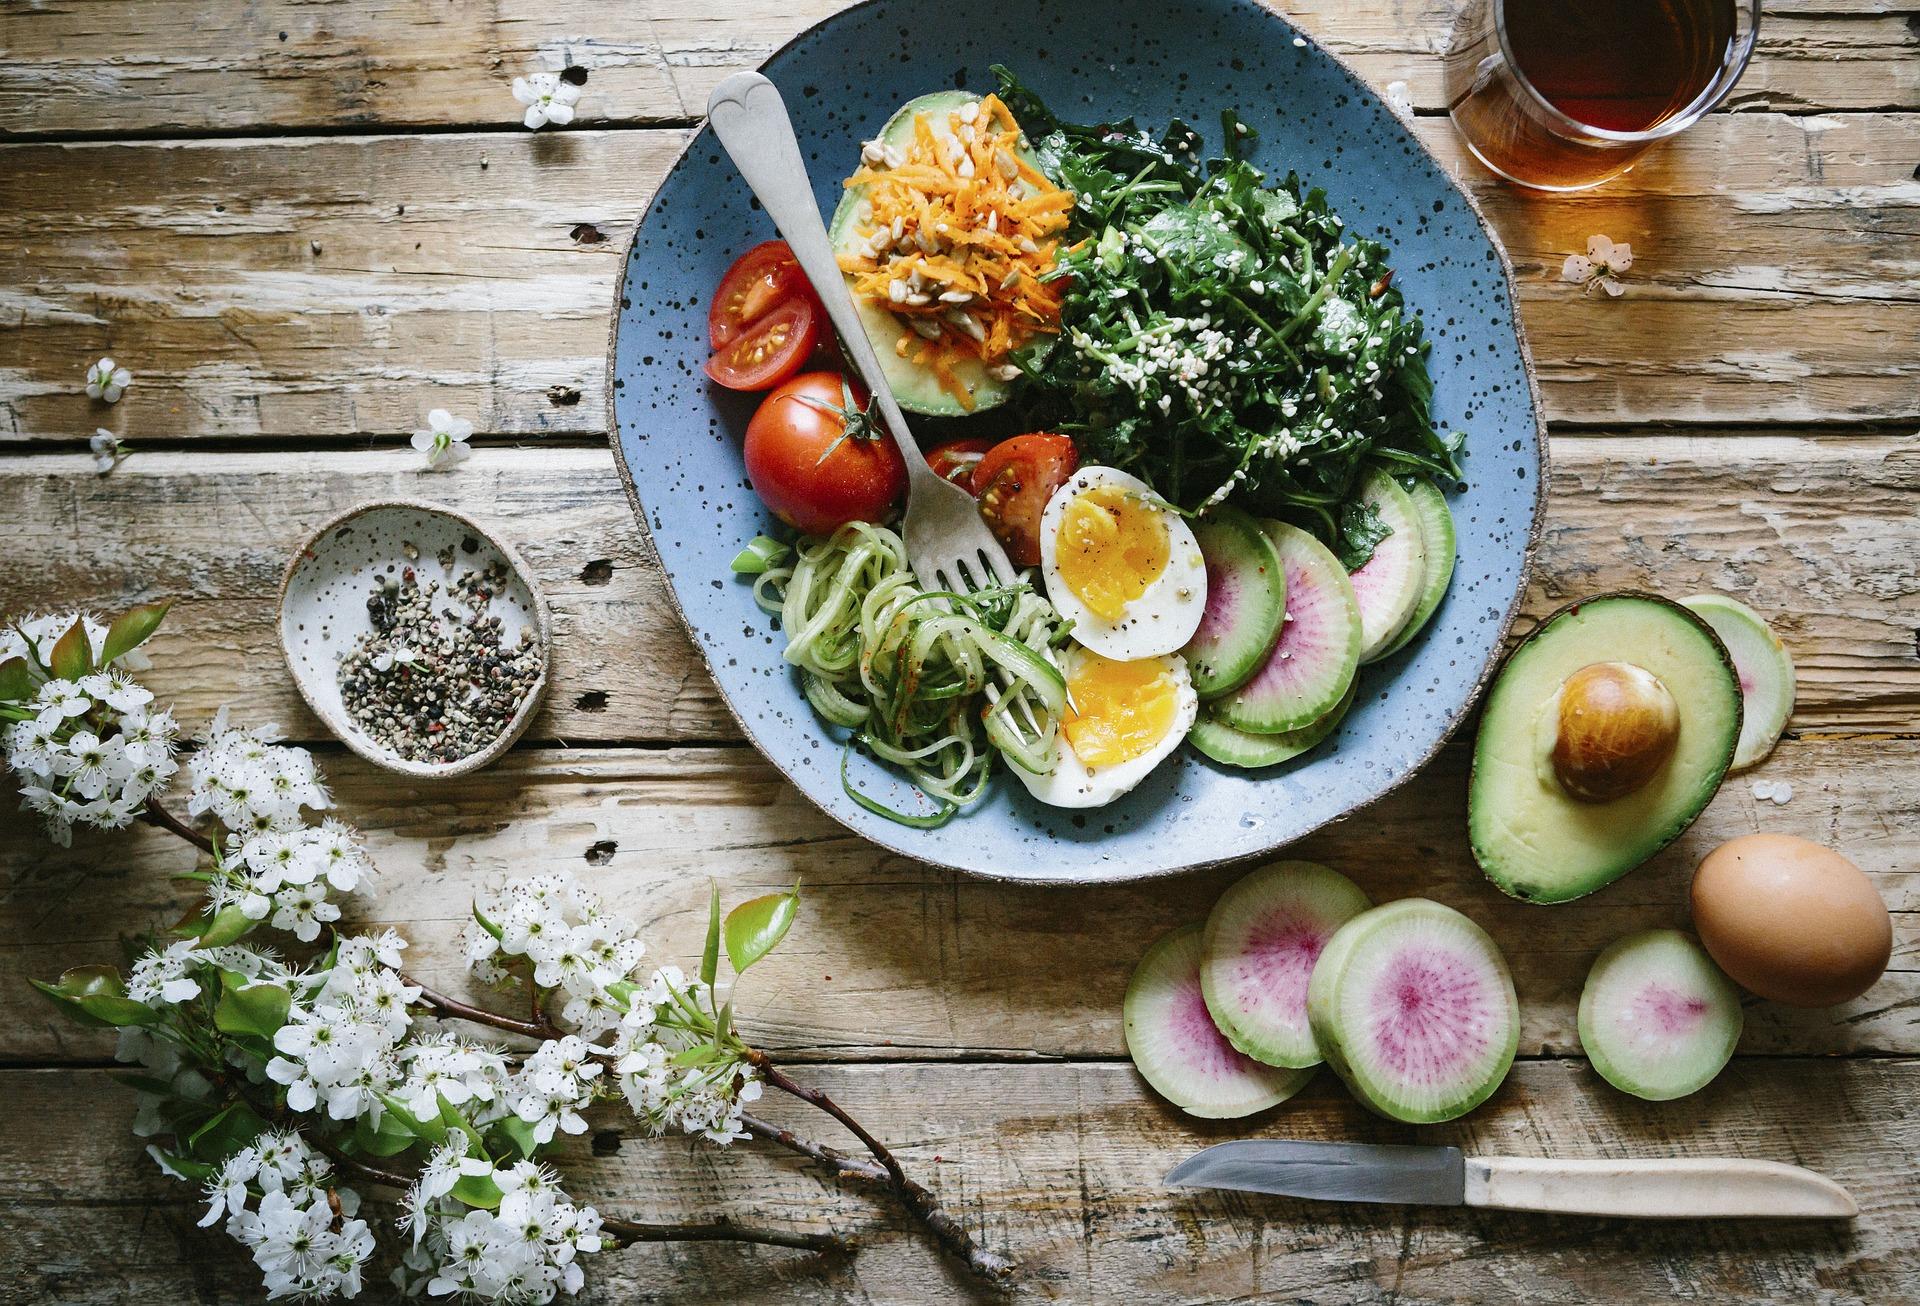 Nutrition et diététique : santé et bien-être sans régime